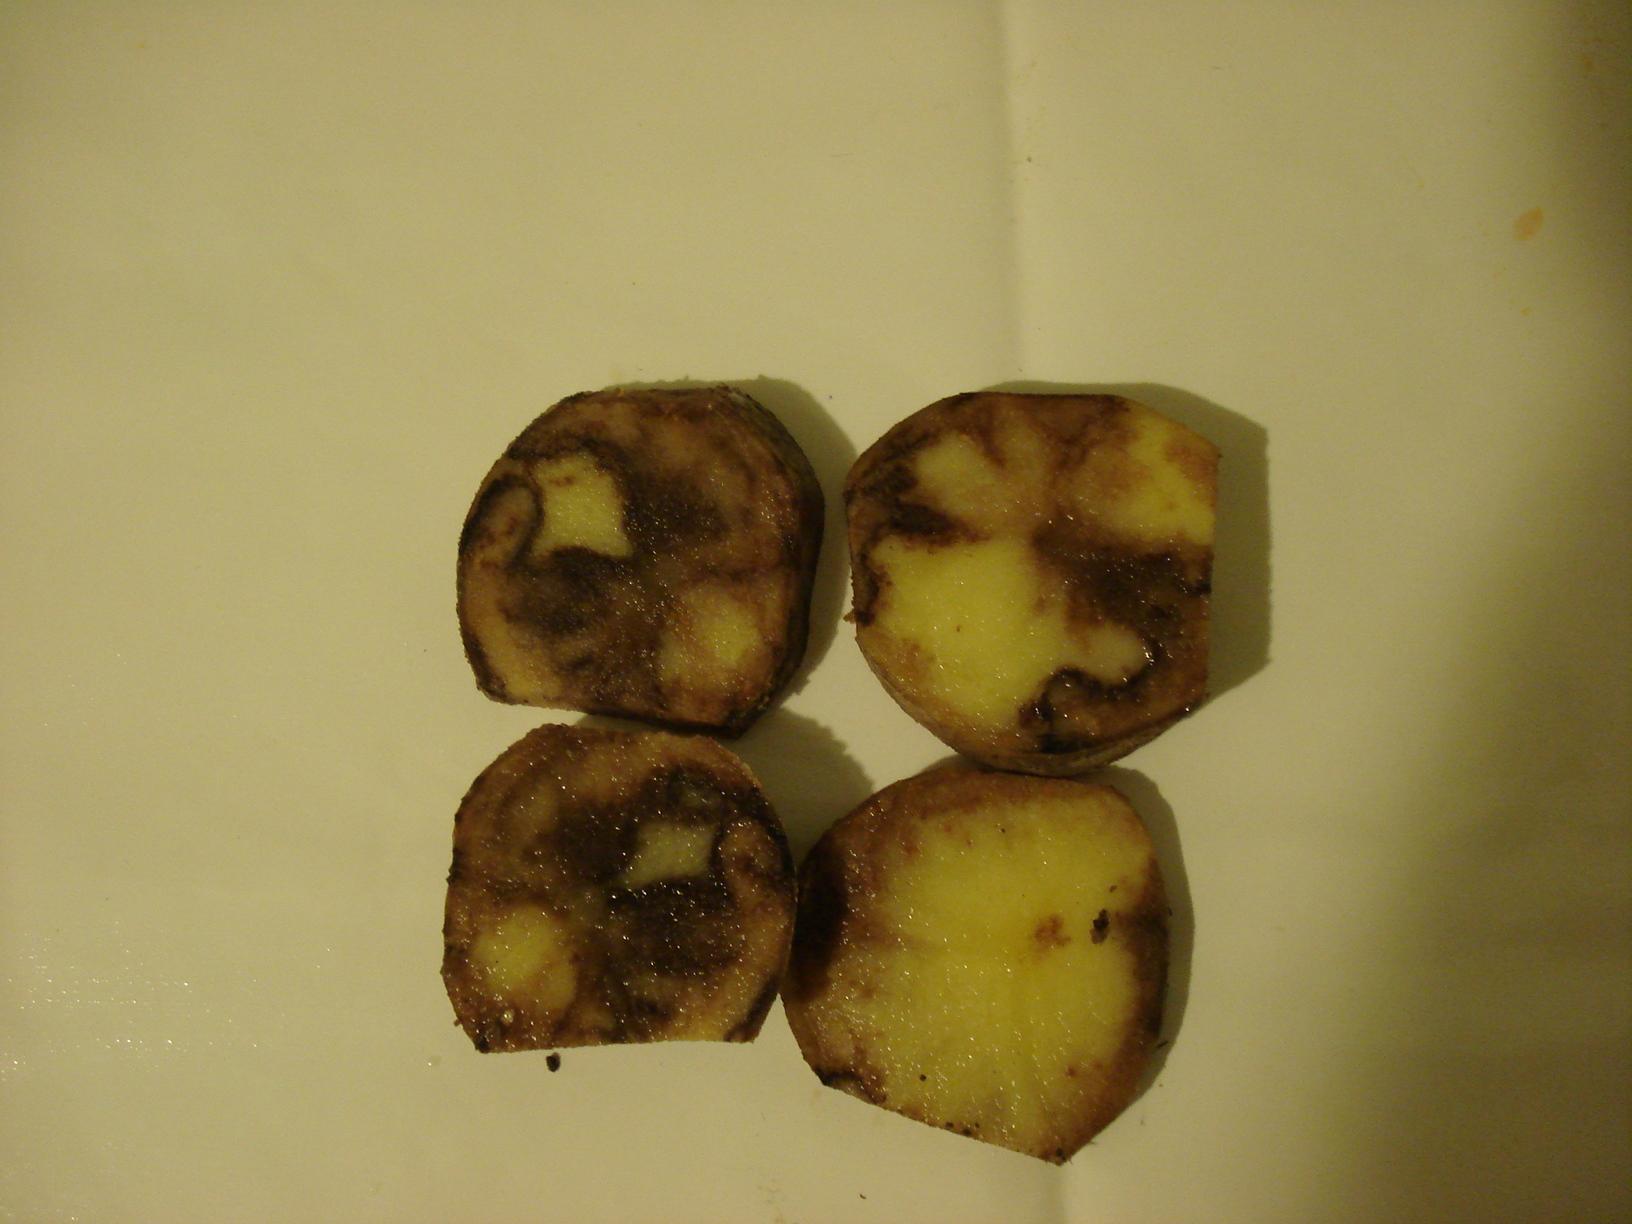 Fitoftórával fertőzött burgonyagumó